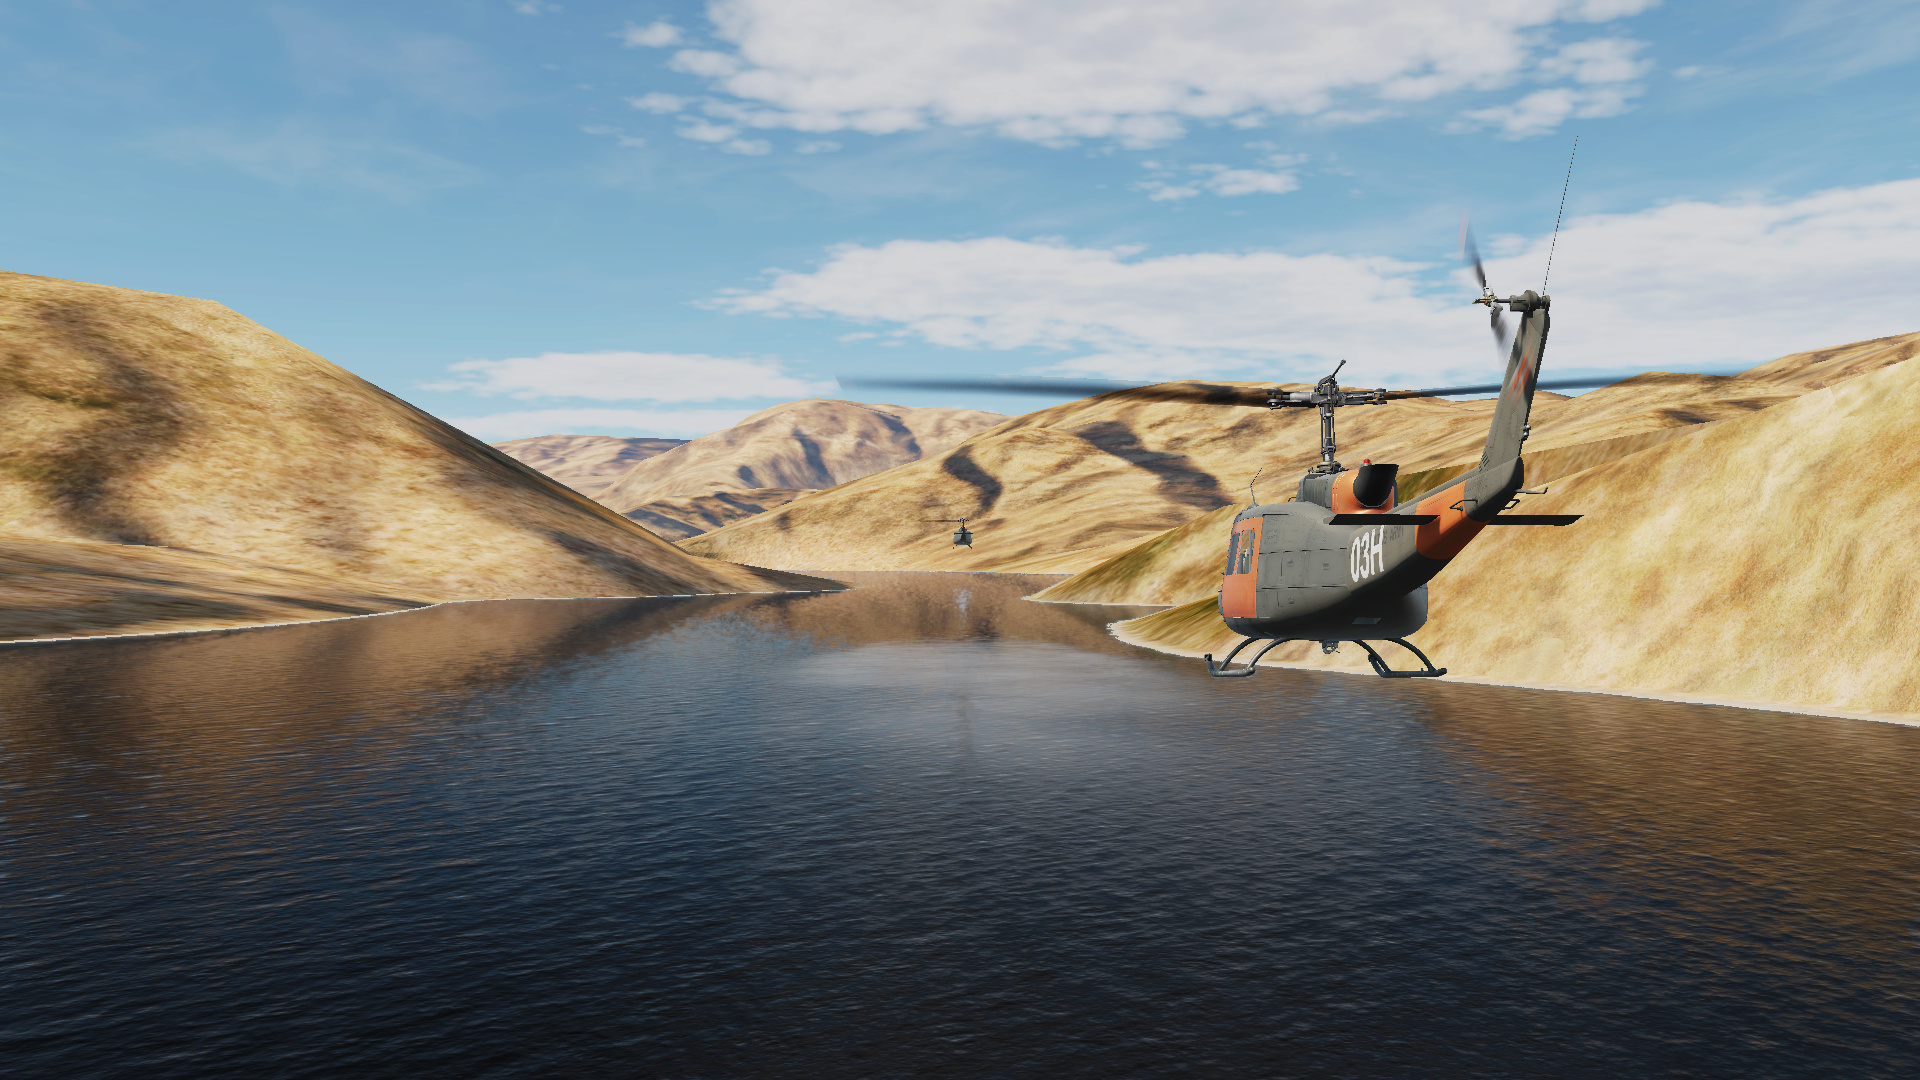 [Cursus UH-1H Huey] Photos de nos missions - Page 3 Screen51